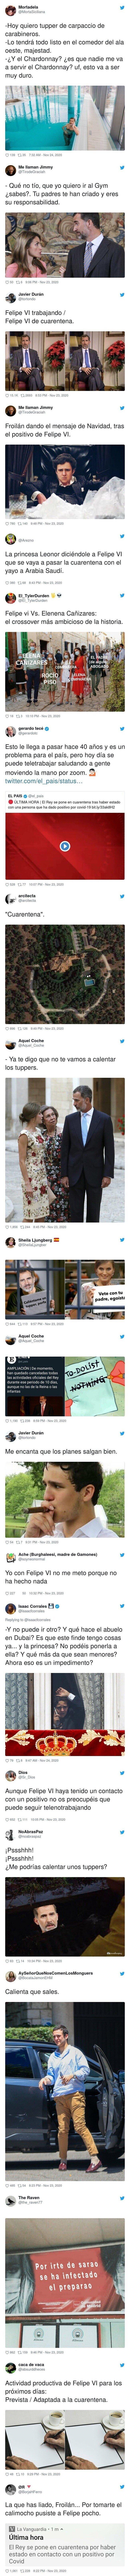 20939 - La gente le envía todos estos mensajes de 'apoyo' y memes a Felipe VI para que se le haga más amena la cuarentena